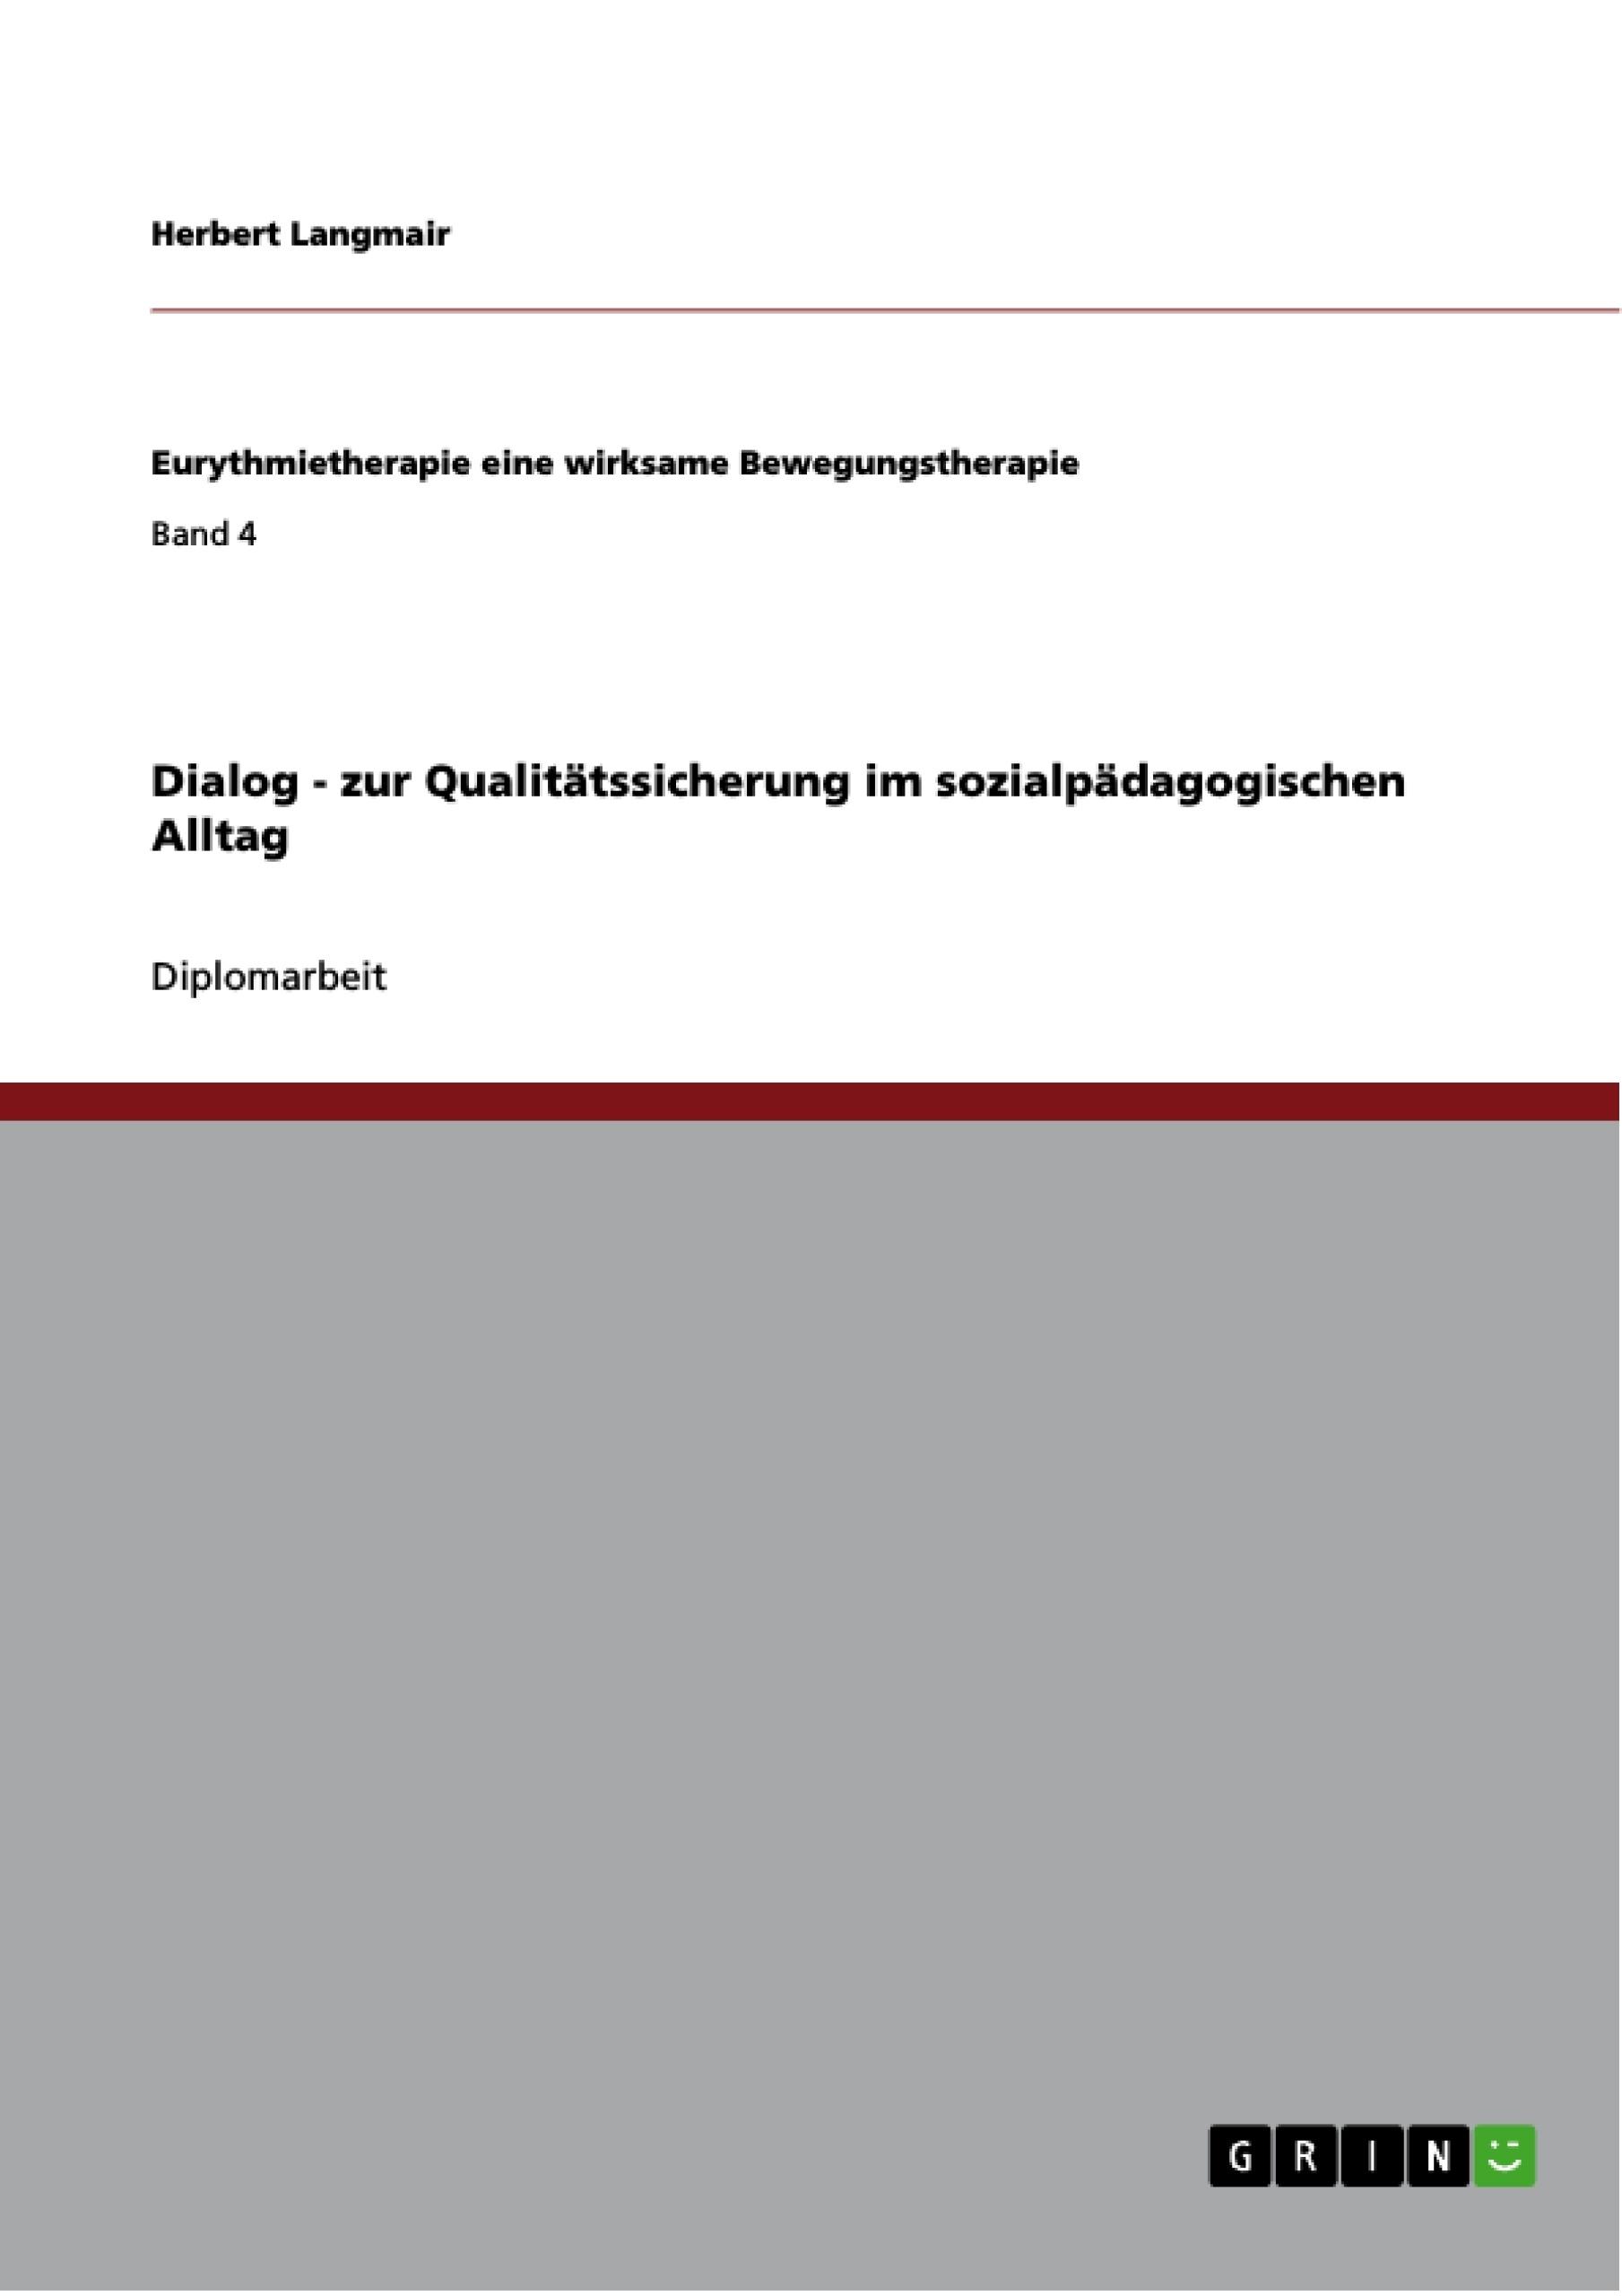 Titel: Dialog - zur Qualitätssicherung im sozialpädagogischen Alltag